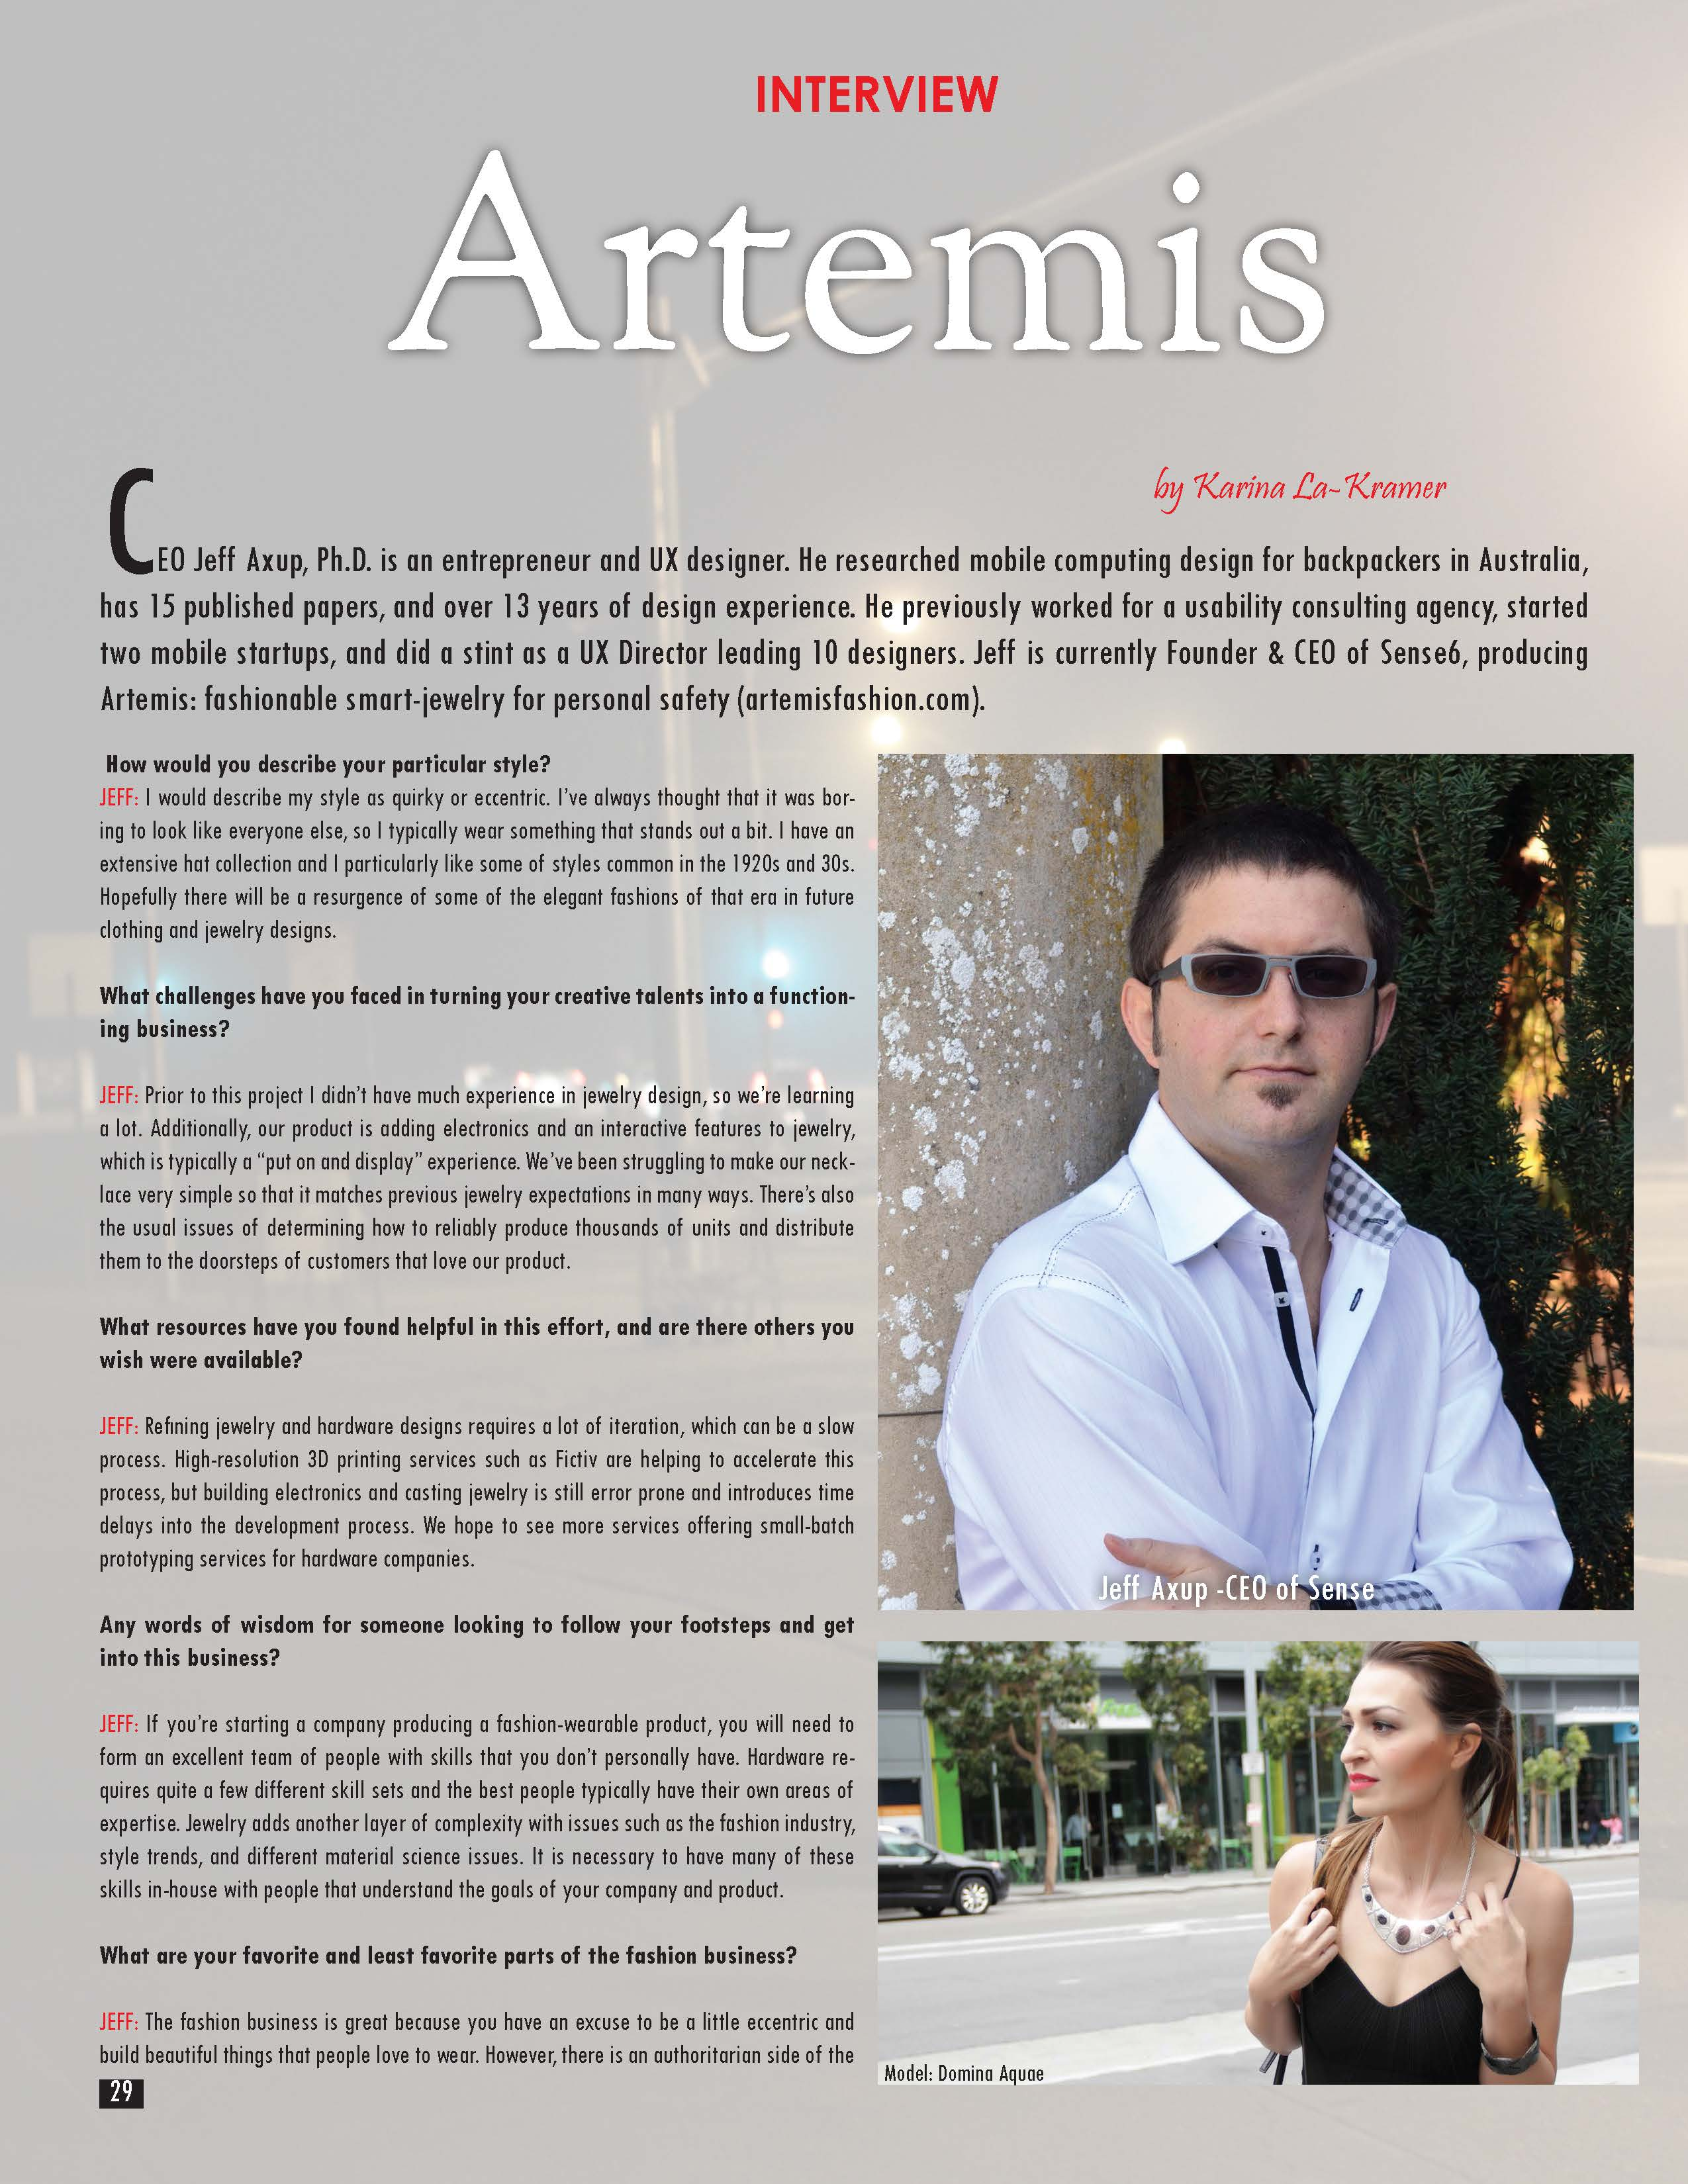 ARTIMUS